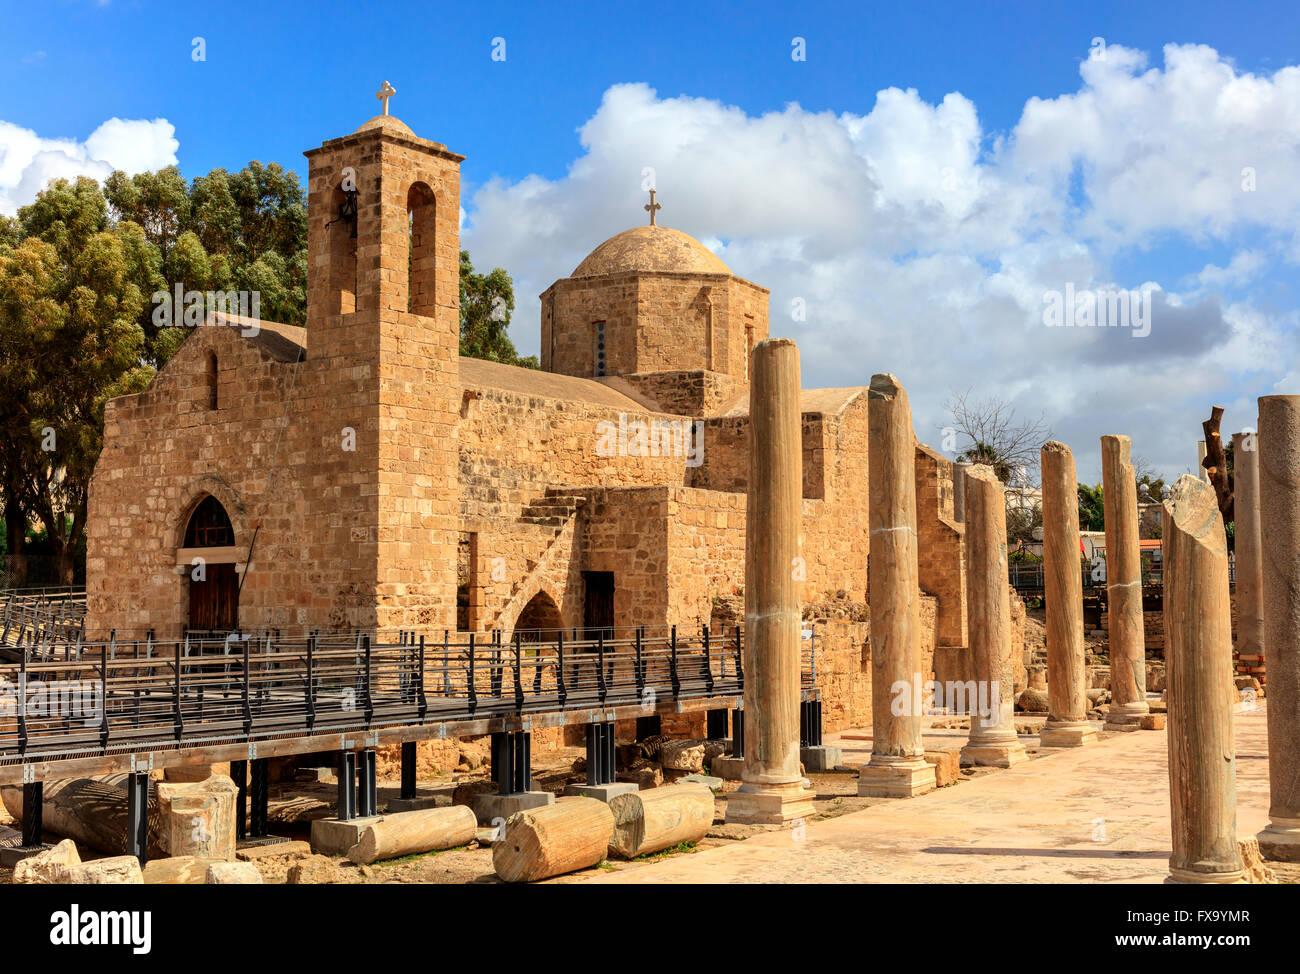 La Panaghia Chrysopolitissa iglesia construida sobre las ruinas de la basílica bizantina temprana más Imagen De Stock